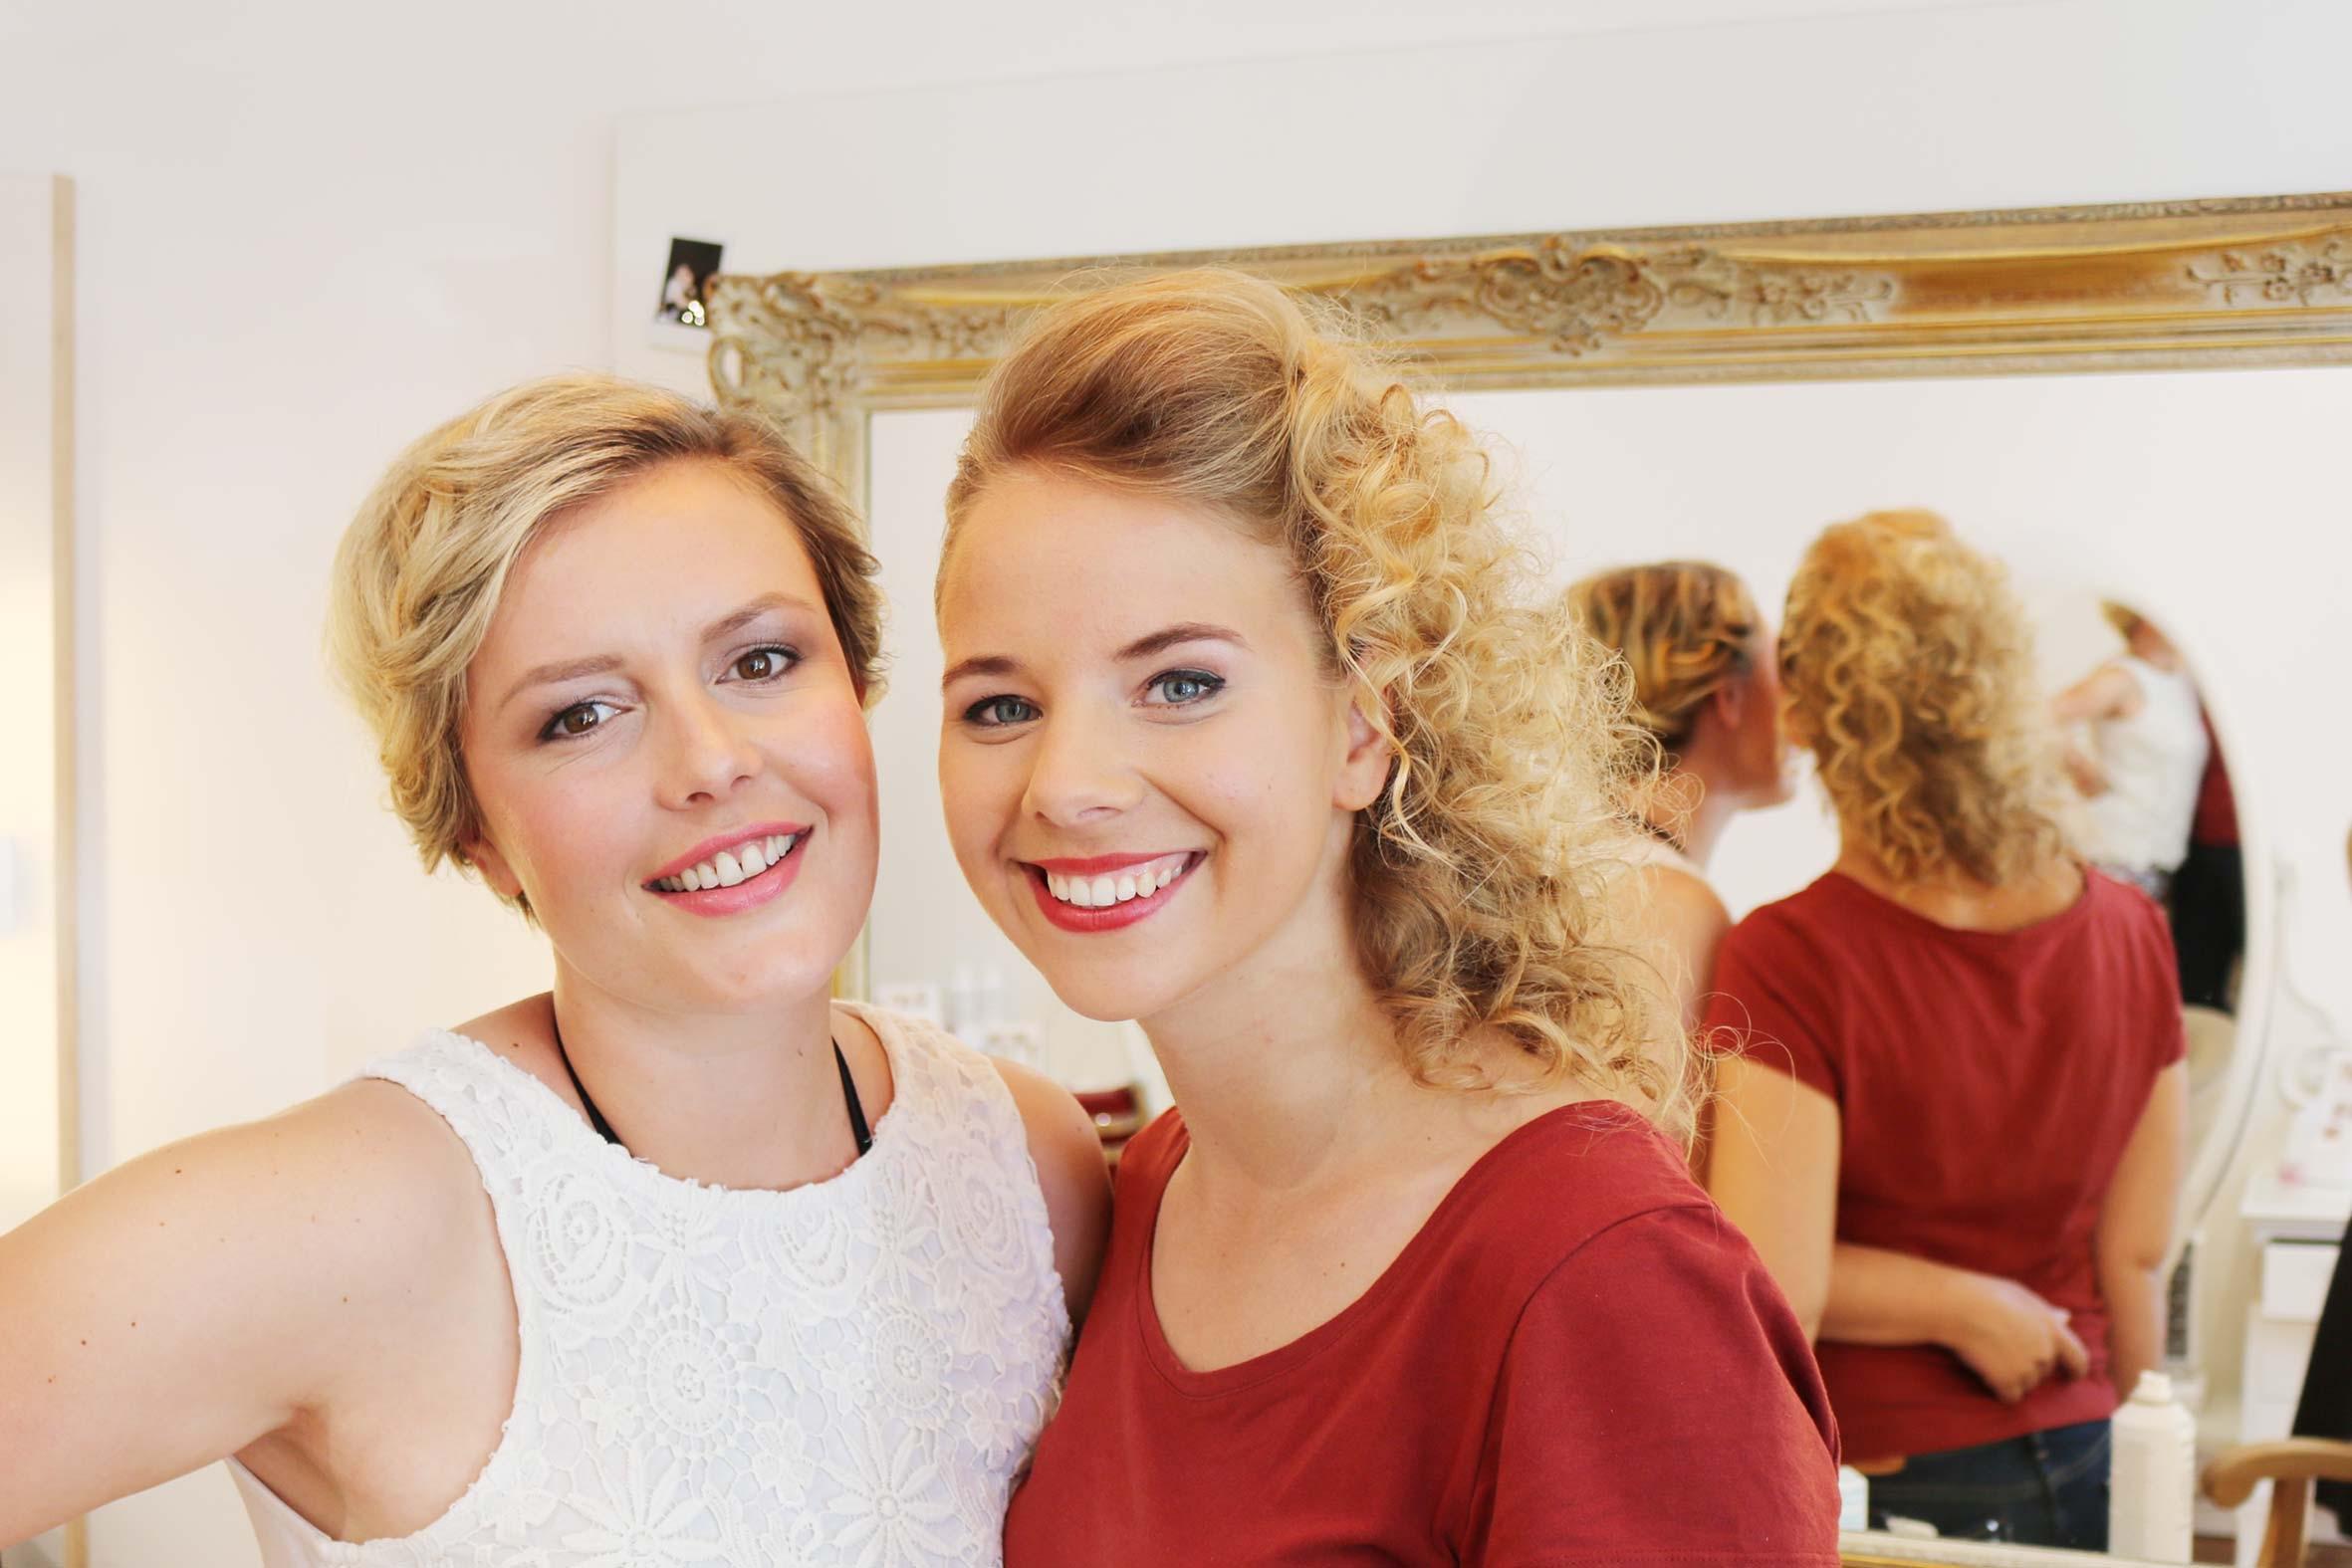 tages make-up von püppikram deinem beautysalon in berlin friedrichshain